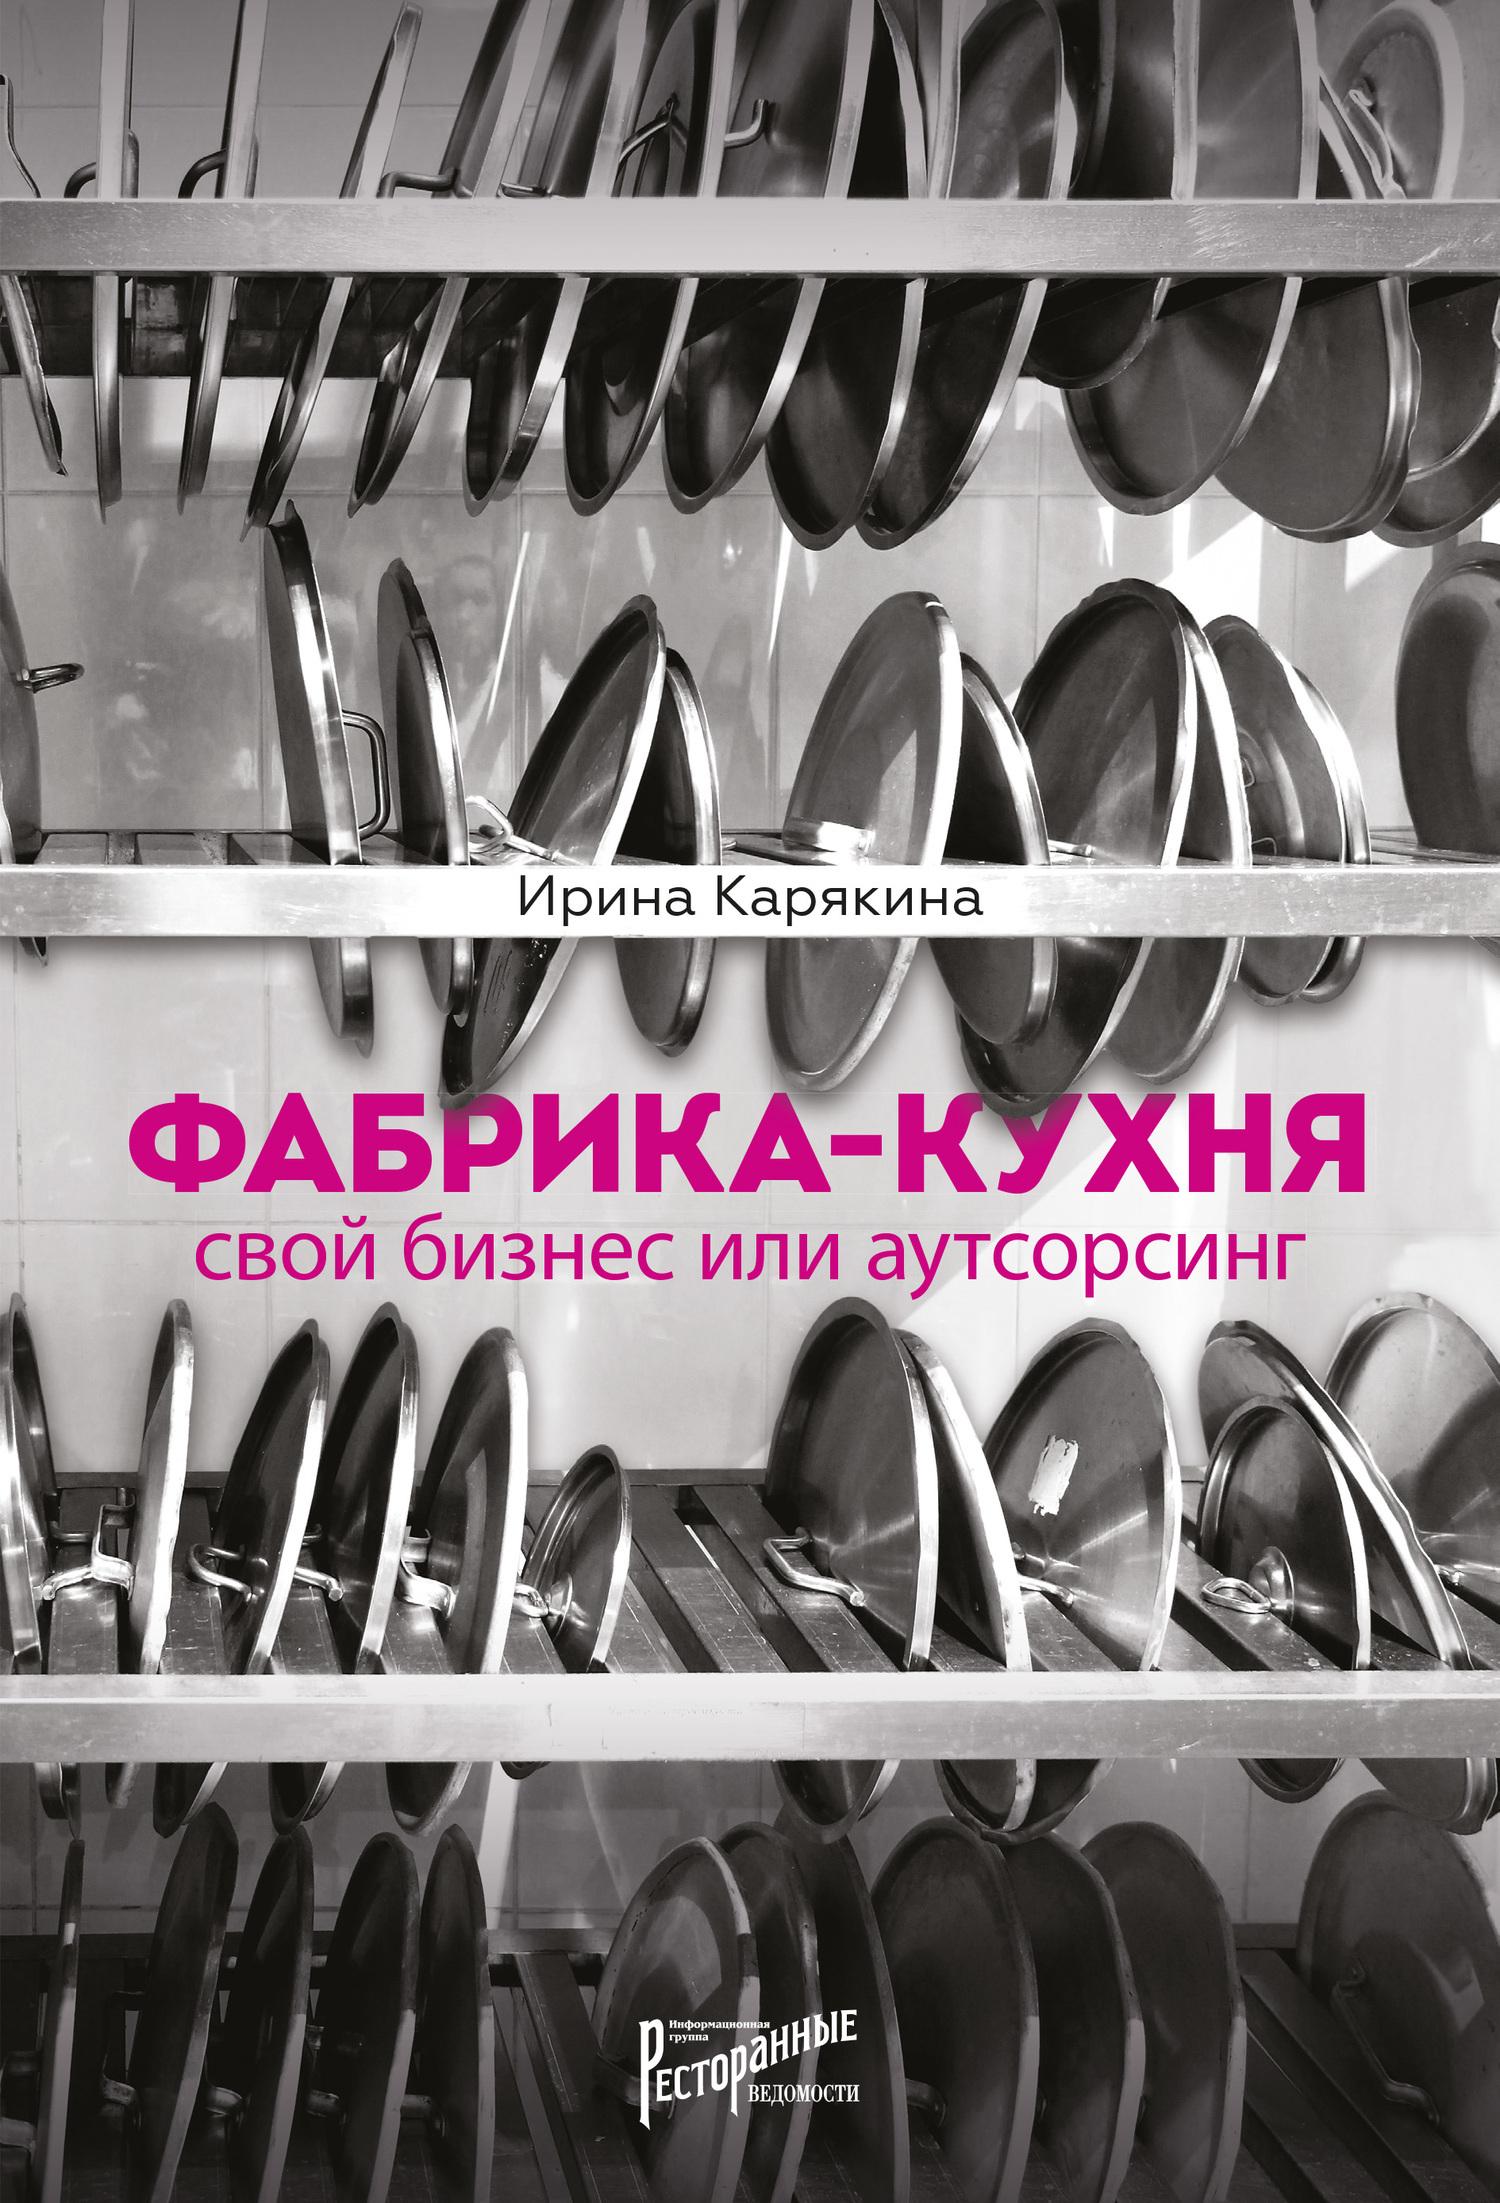 Обложка книги Фабрика-кухня: свой бизнес или аутсорсинг